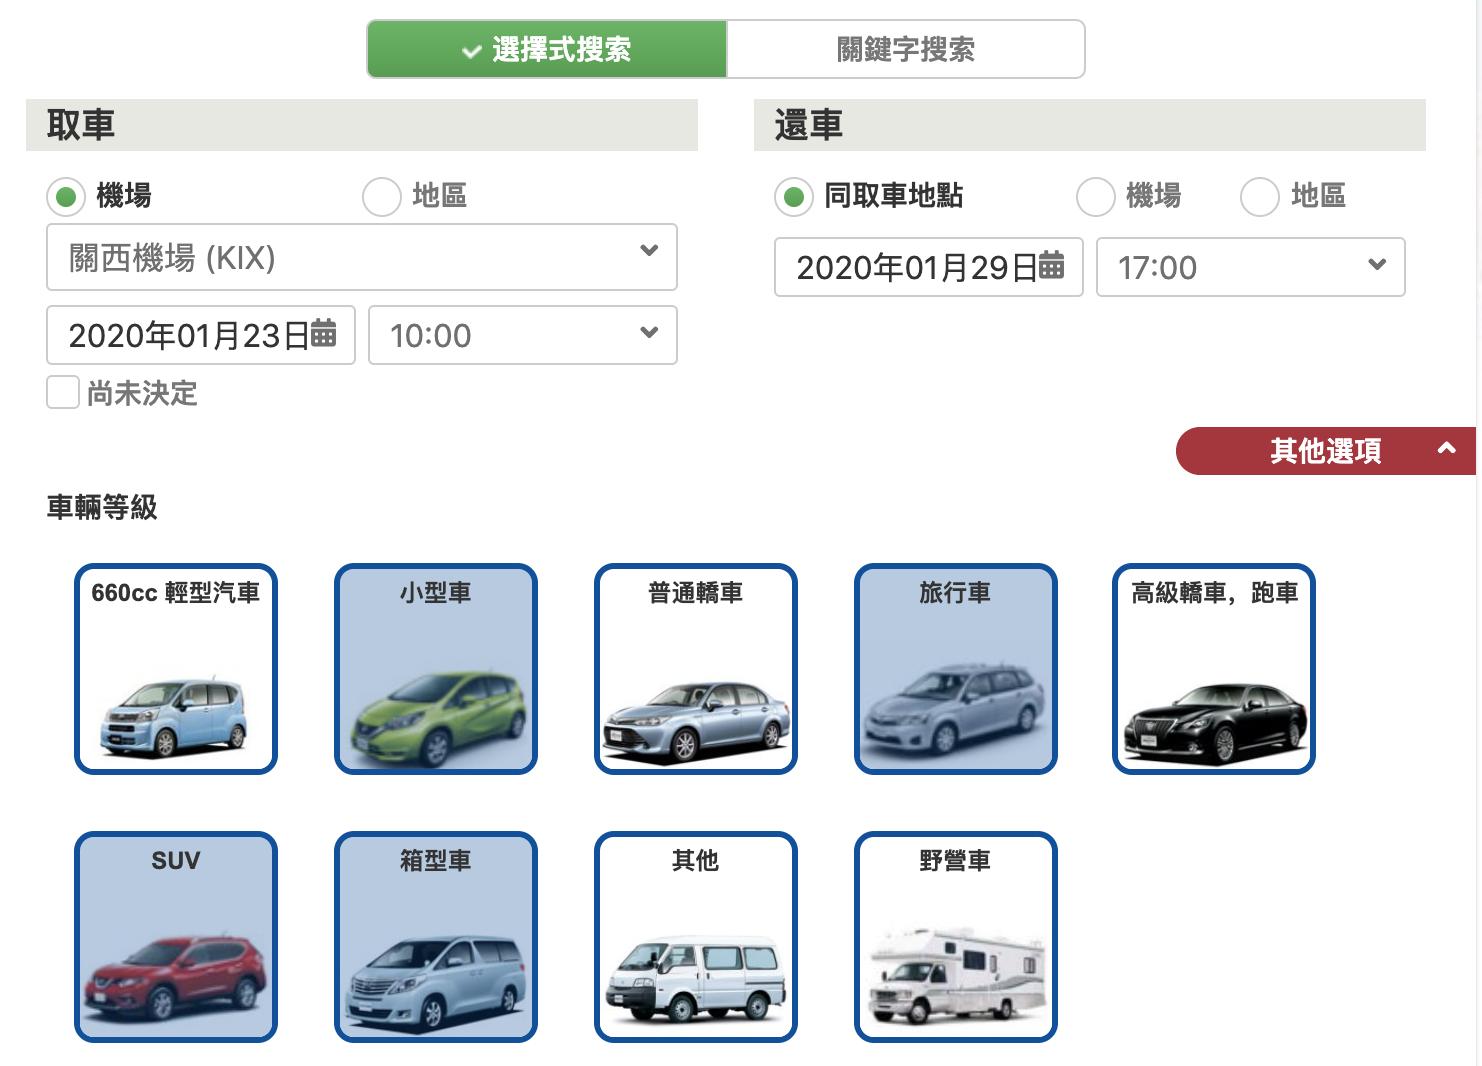 挑選日本租車網站原則討論 日本租車平台推薦ToCoo!,價格透明、中文客服、據點眾多,一次比價~使用教學~